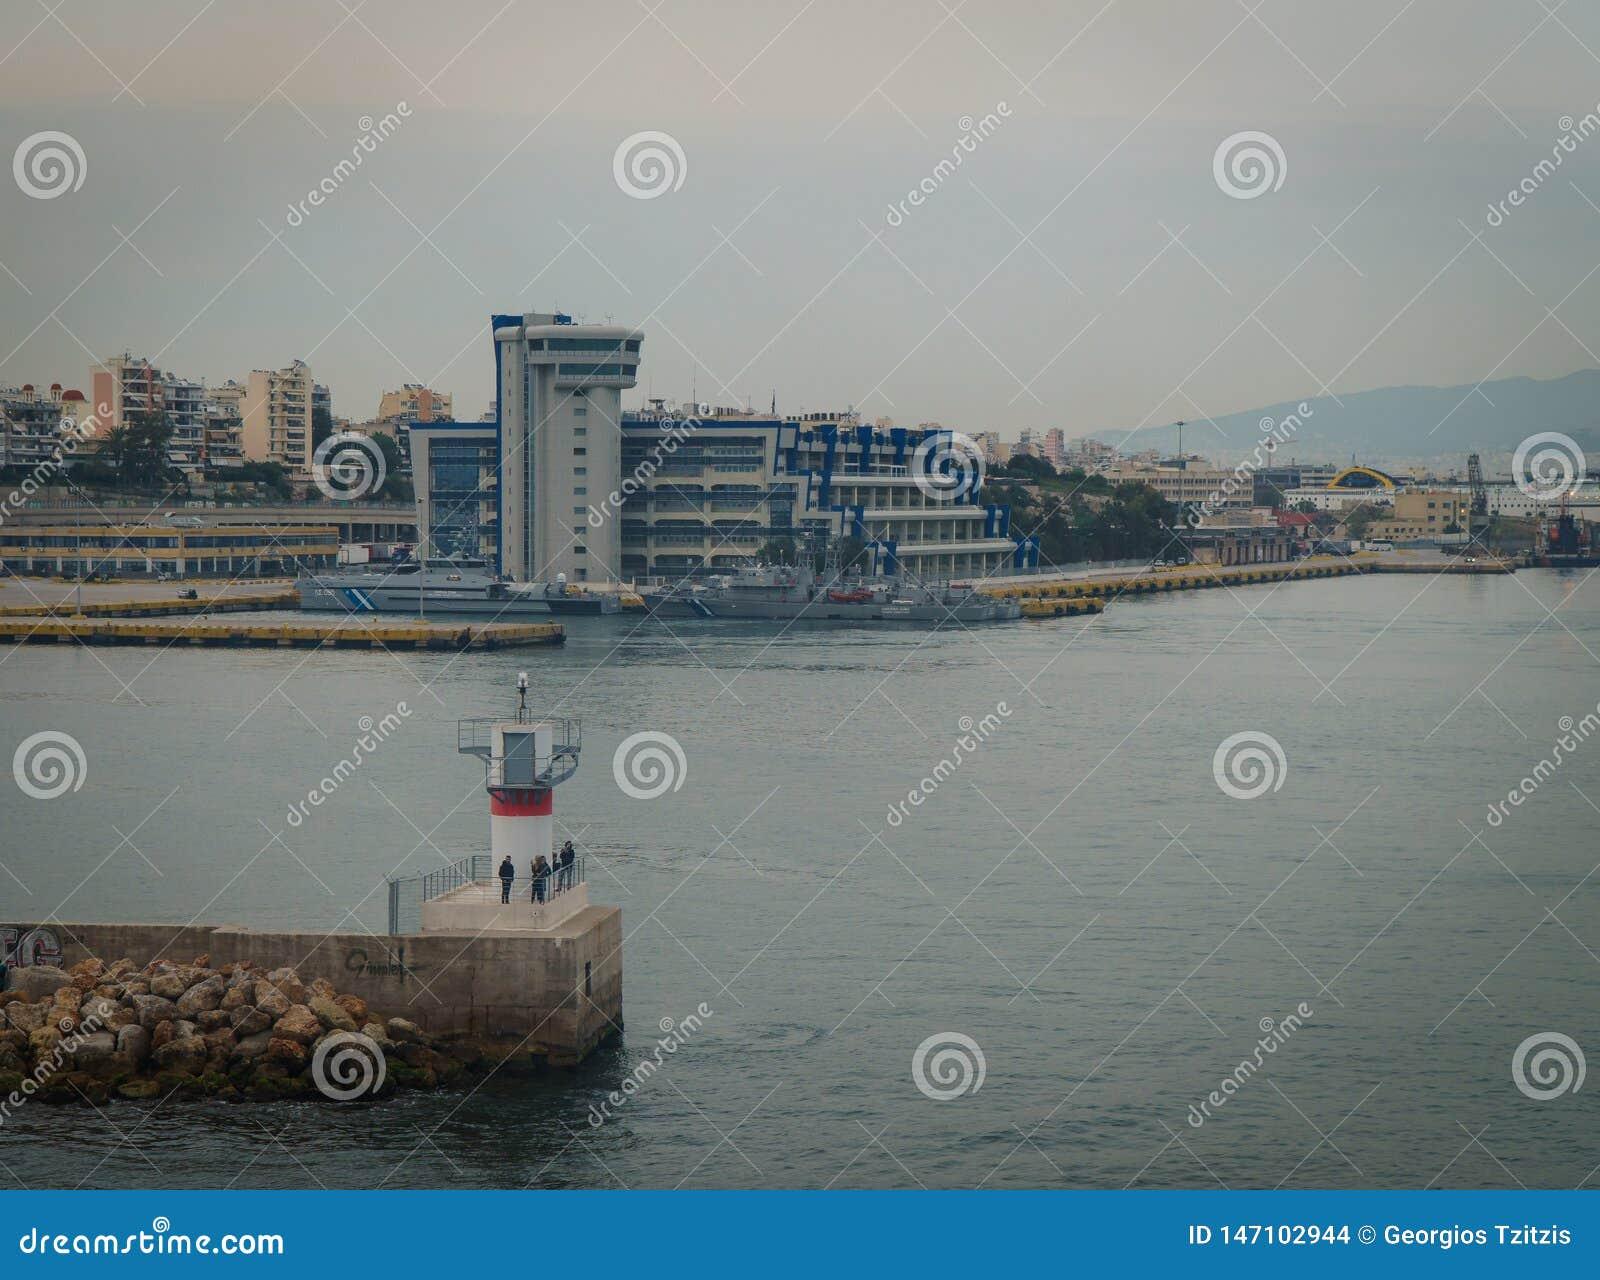 Conseptual disparou do navio que est? saindo o porto dos outros navios e da torre do comando, em um dia nebuloso com mar calmo